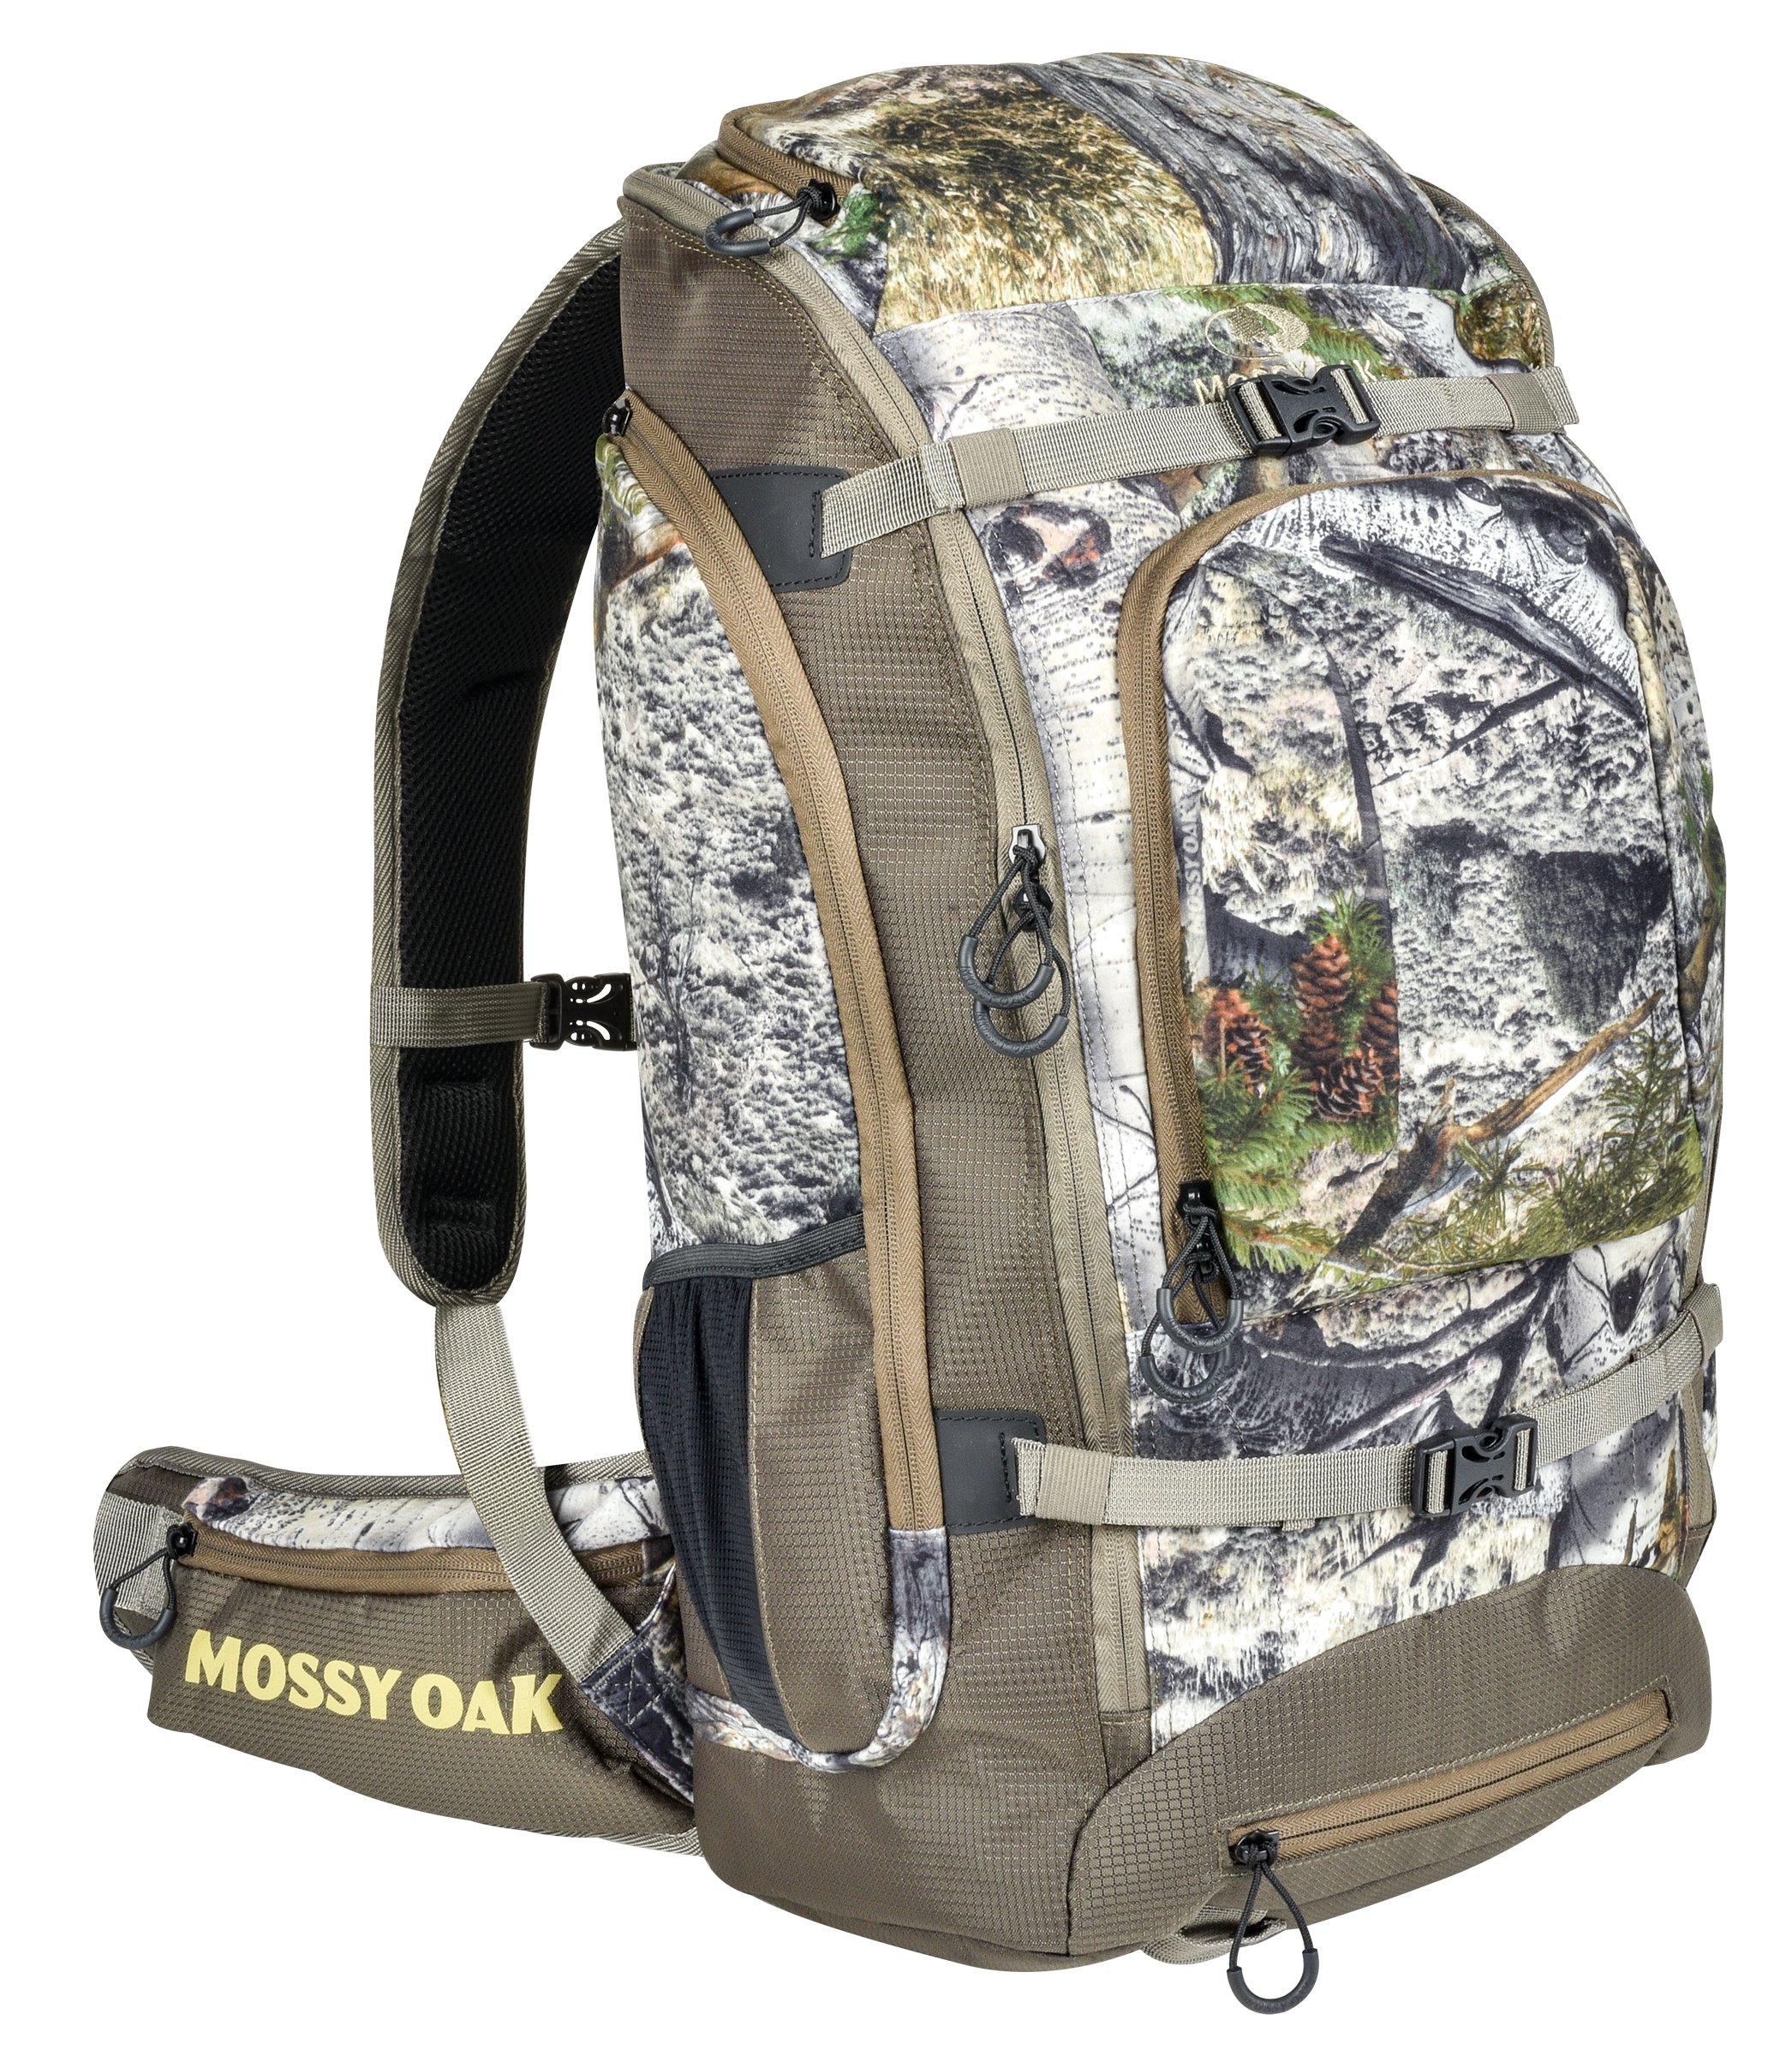 Mossy Oak Knuckleboom Technical Pack, Mossy Oak Mountain Country